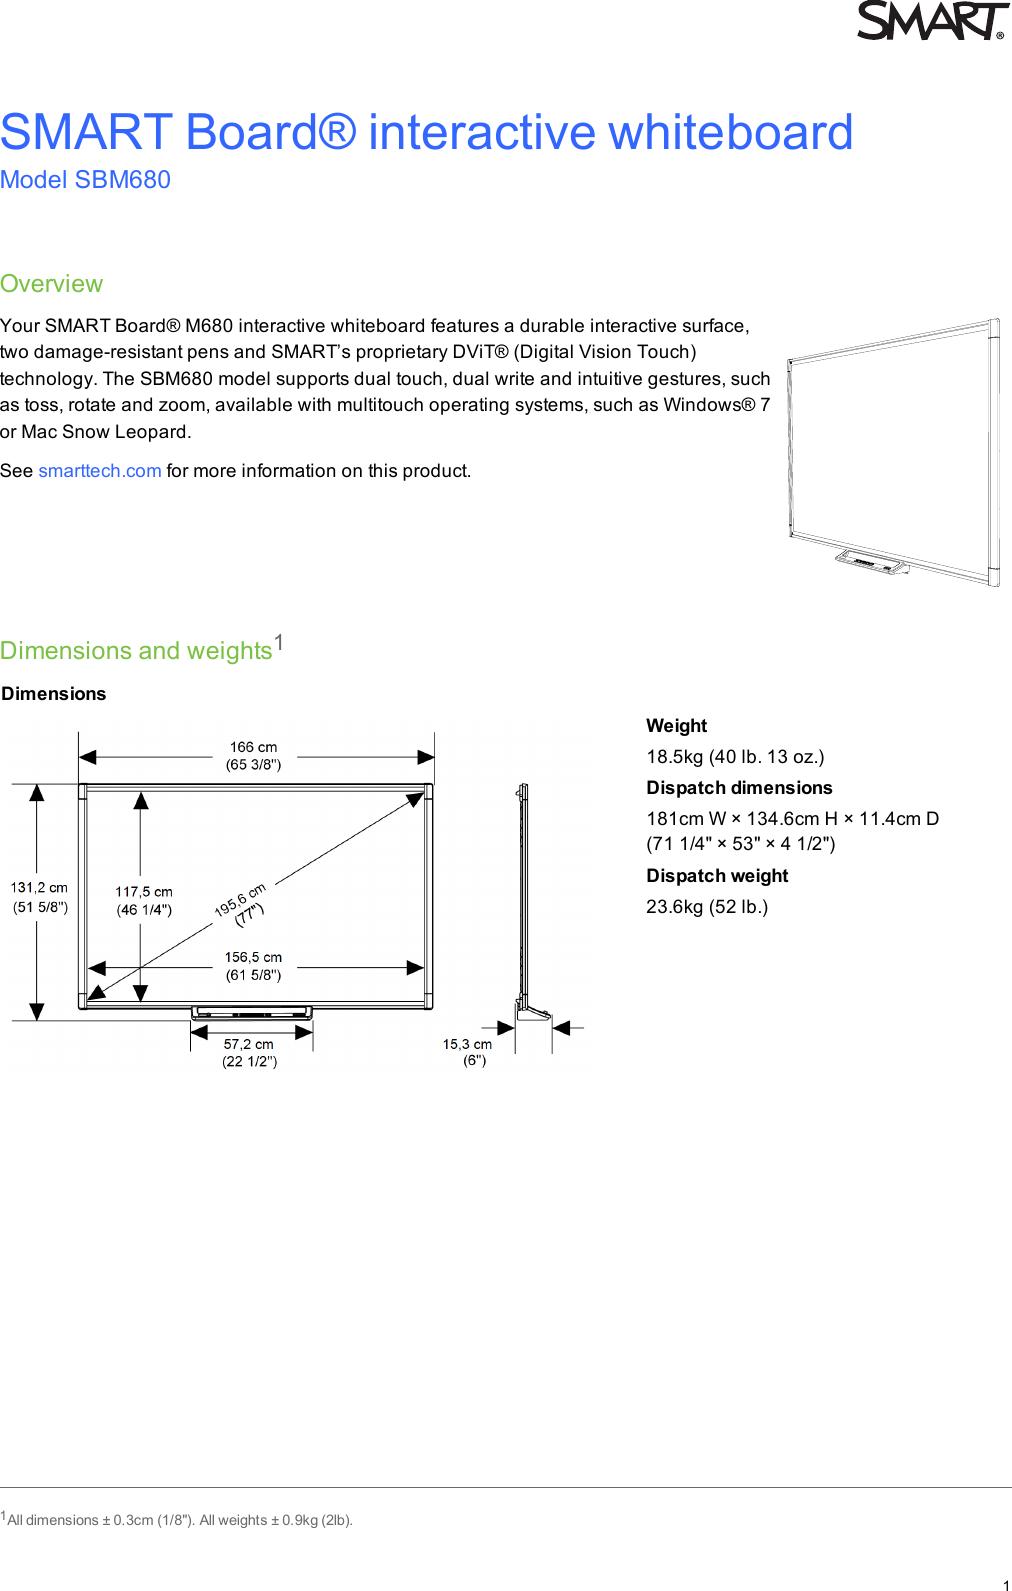 smasbm680b smart board m600 interactive whiteboard specifications rh usermanual wiki Smartboard 680 Installation Interactive Whiteboard